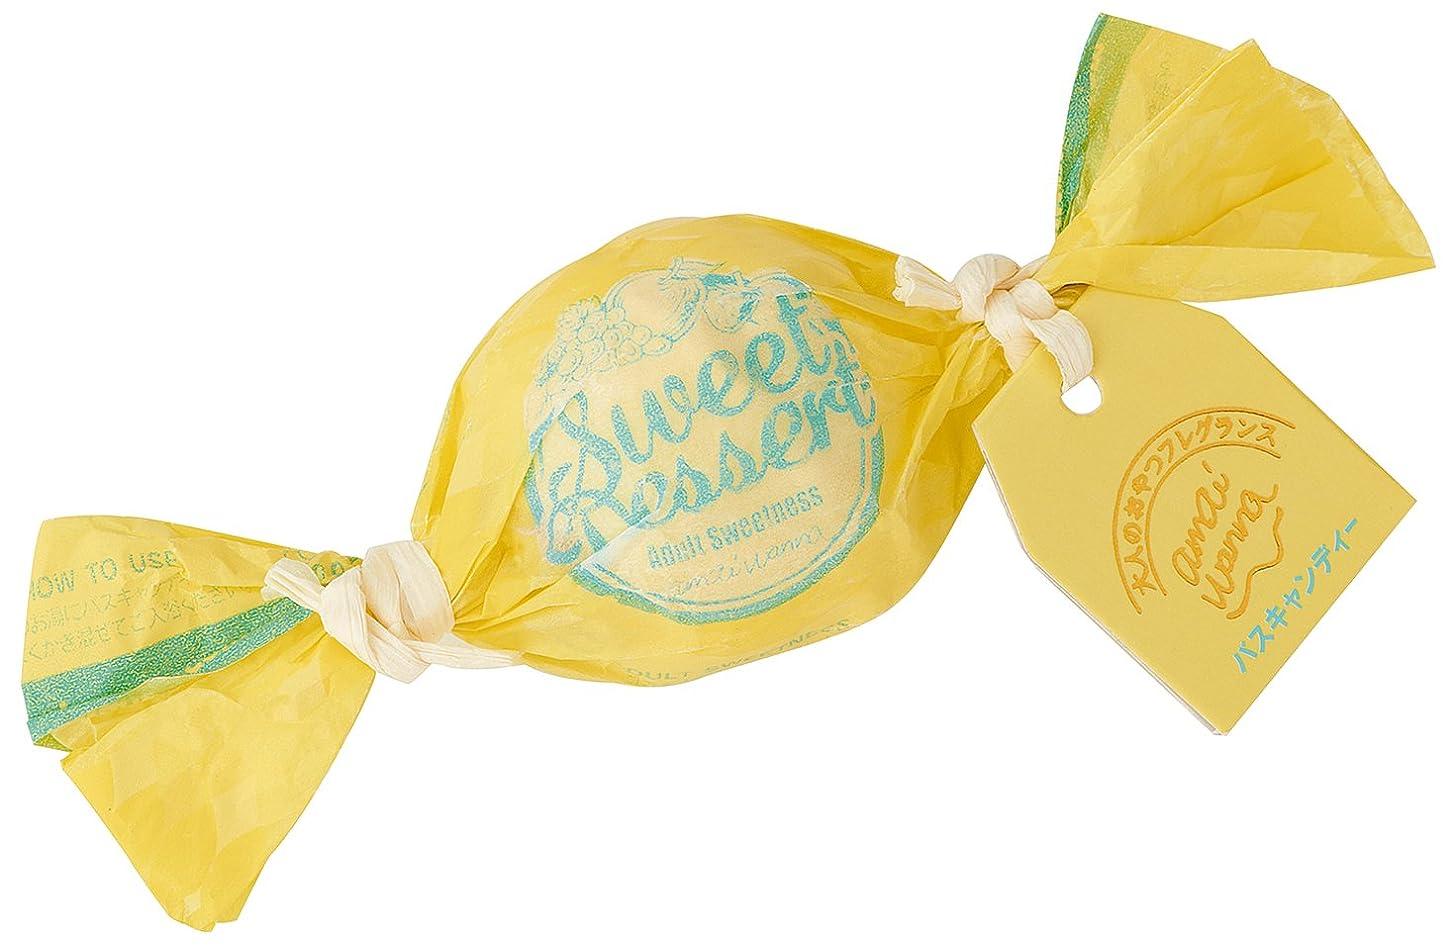 エンジニアリング卒業費やすアマイワナ バスキャンディー35g×12粒 大人の甘美デザート(発泡タイプ入浴料 フローラルと果実の香り)